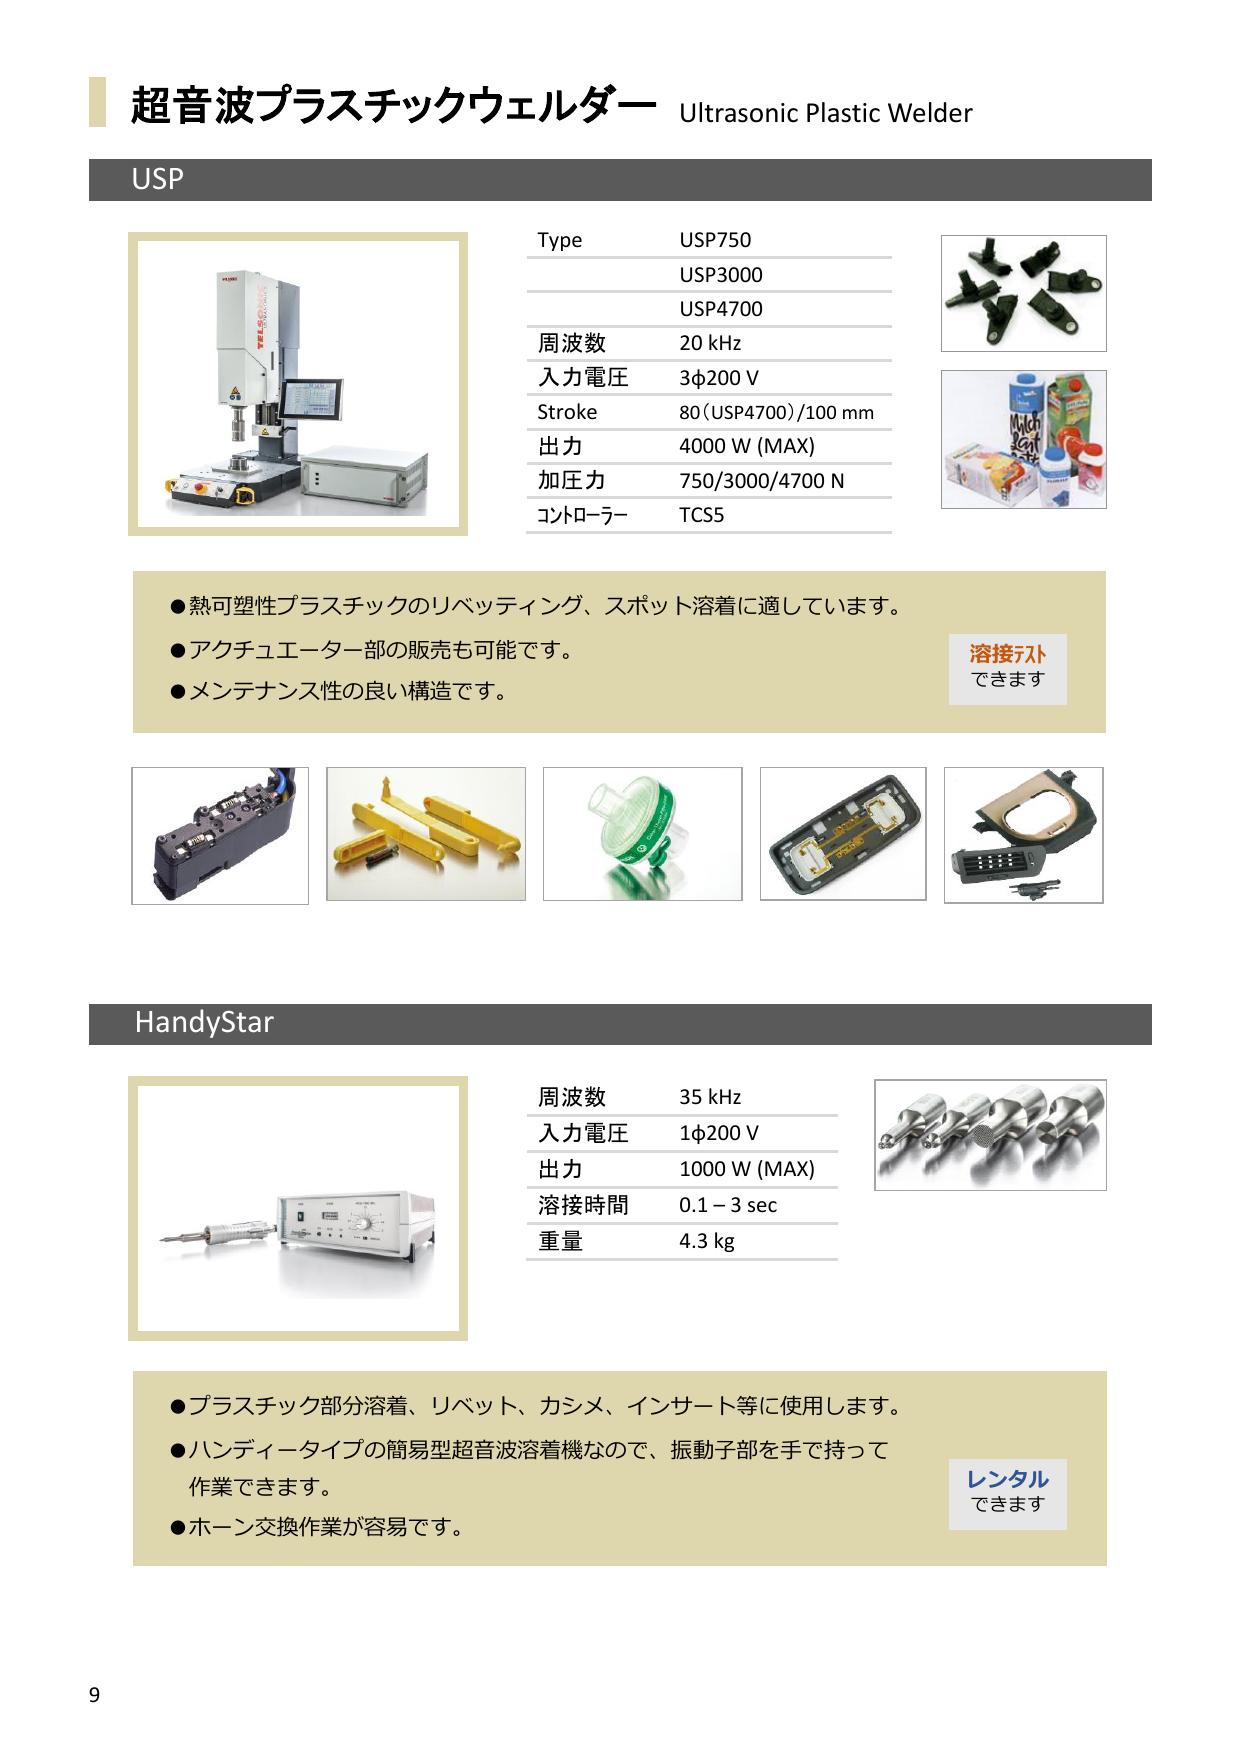 超音波プラスチックウェルダー「USP」